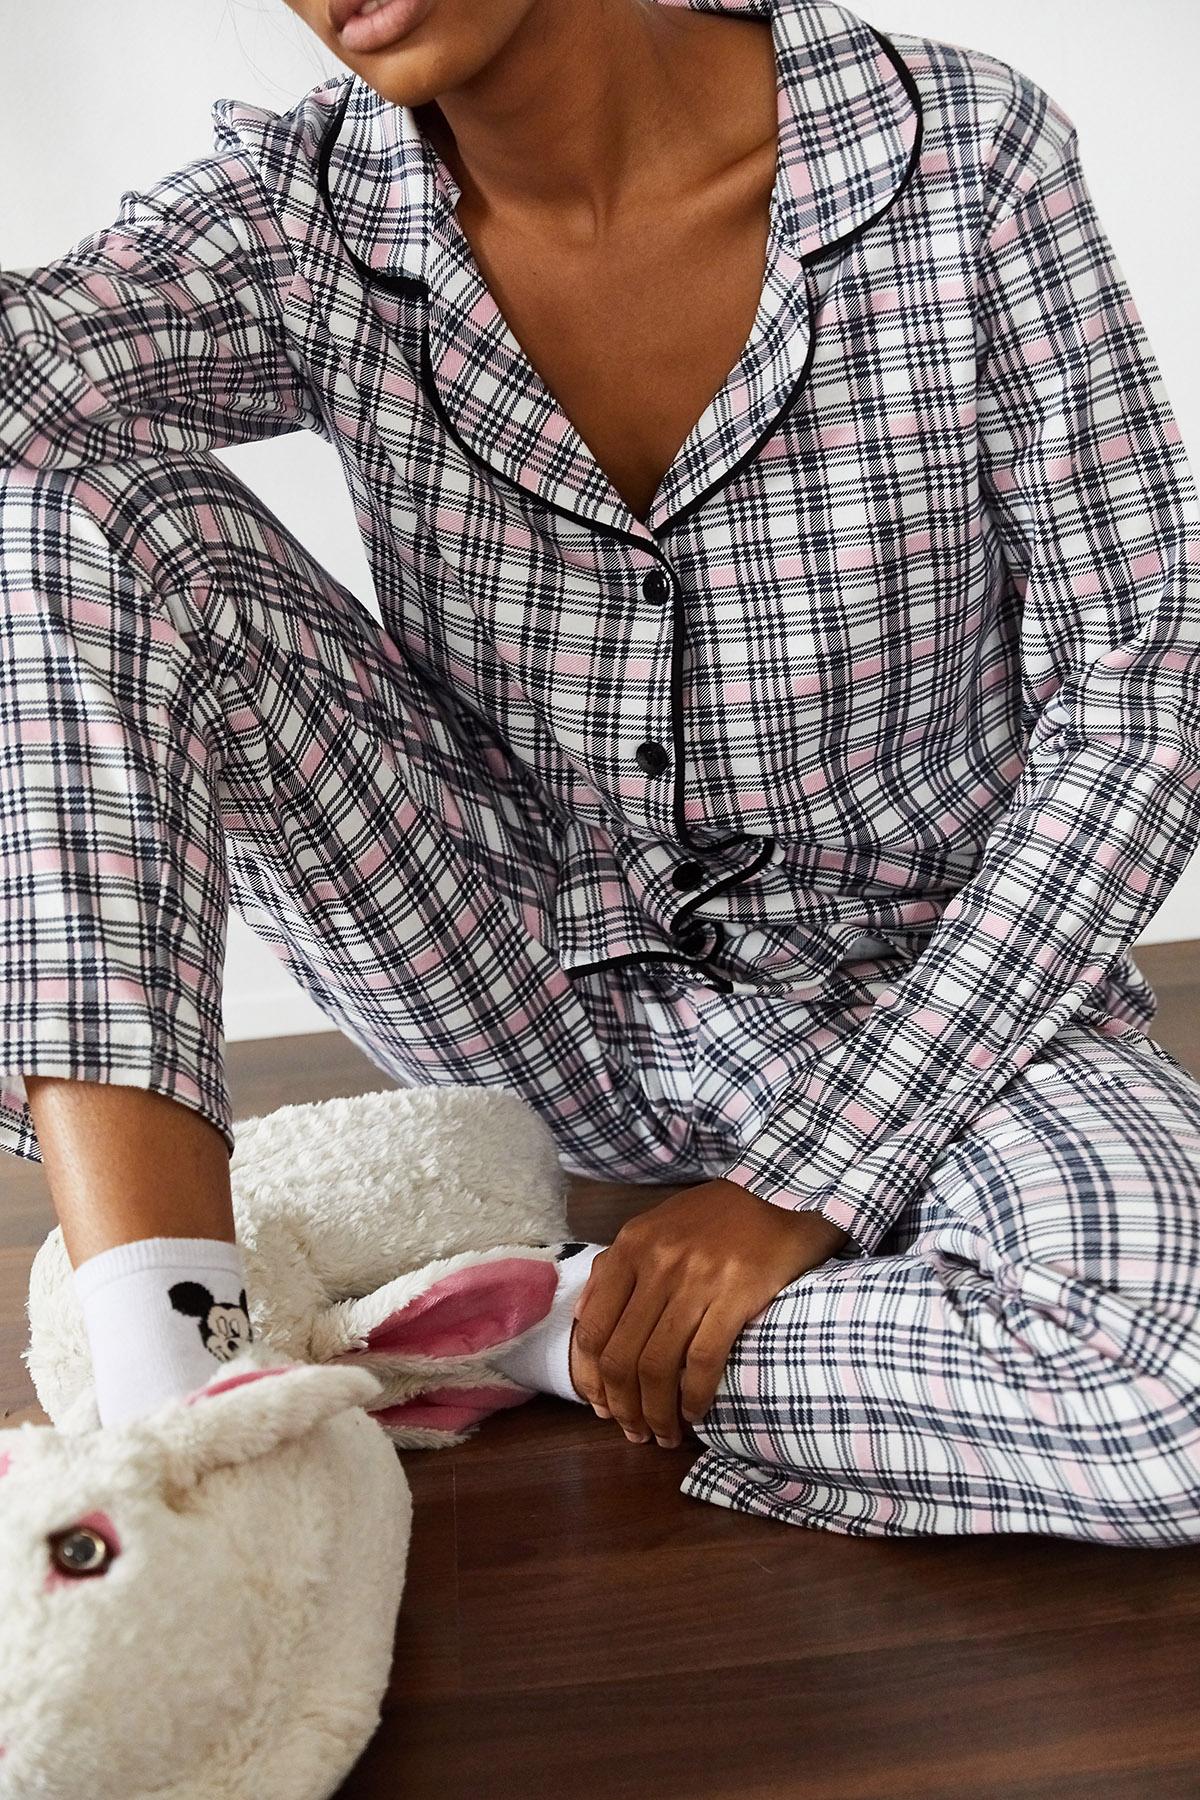 XHAN - Beyaz Kareli Örme Pijama Takımı 1KXK8-44695-01